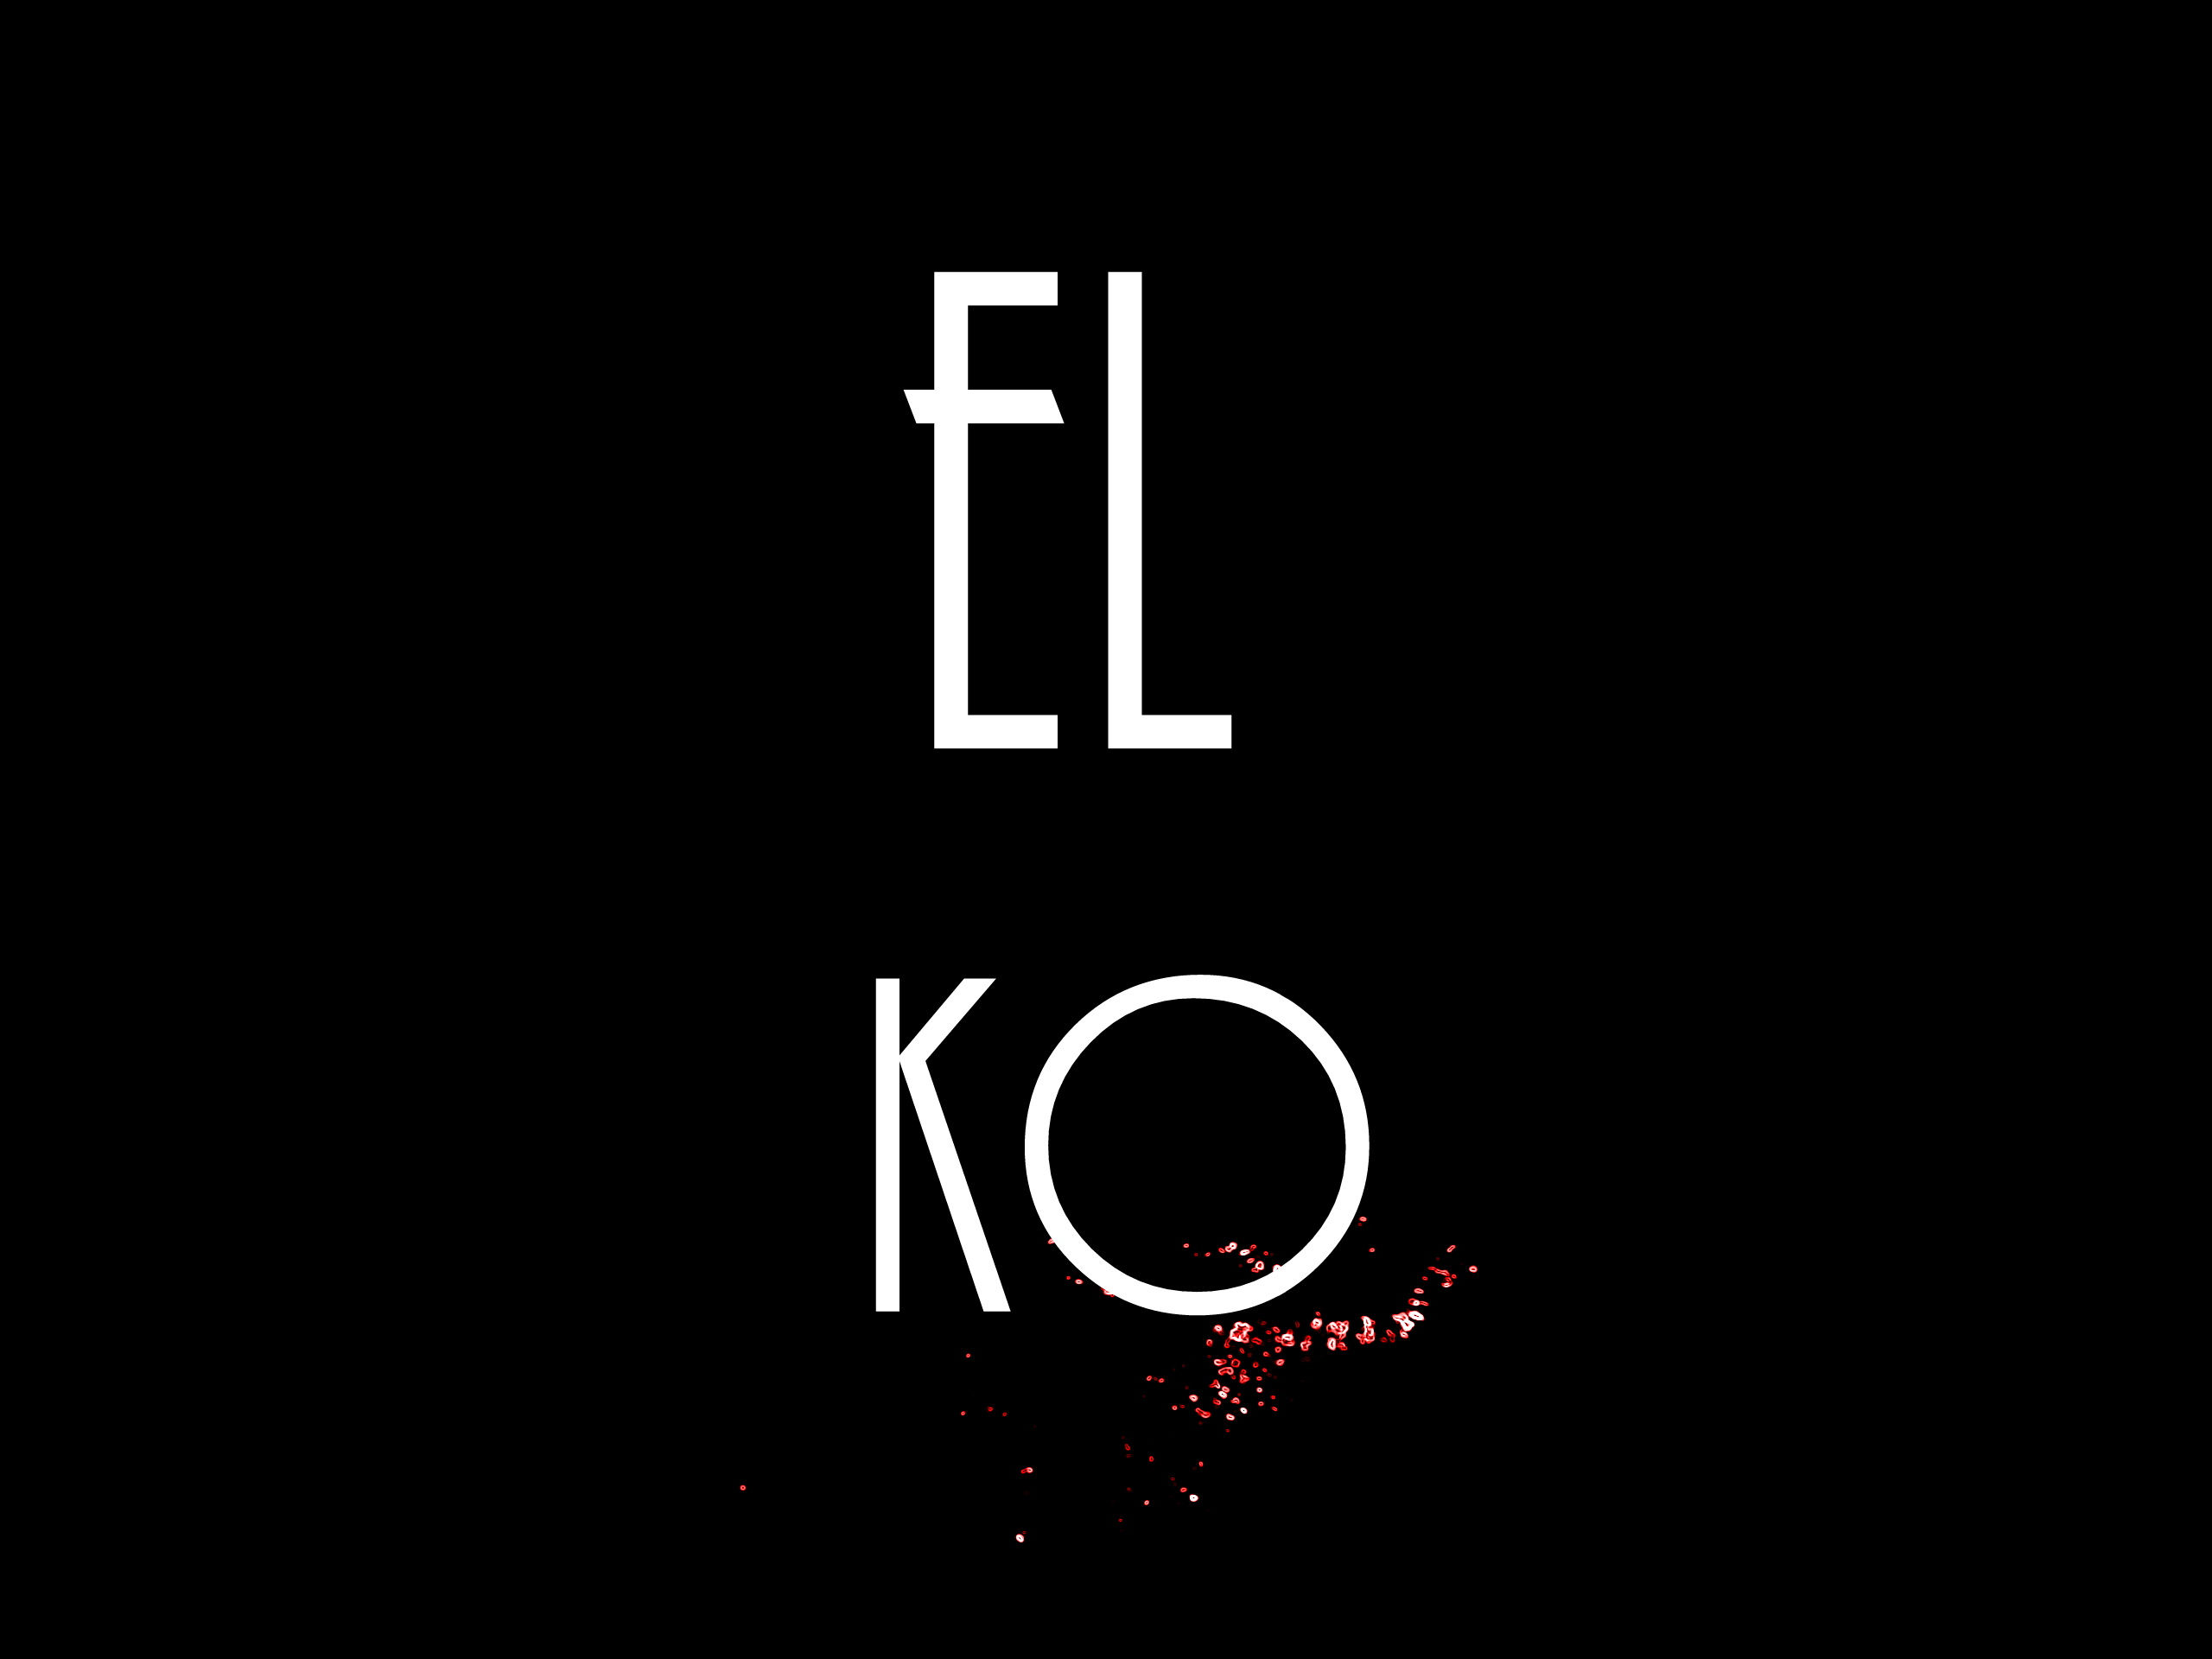 el ko's Signature